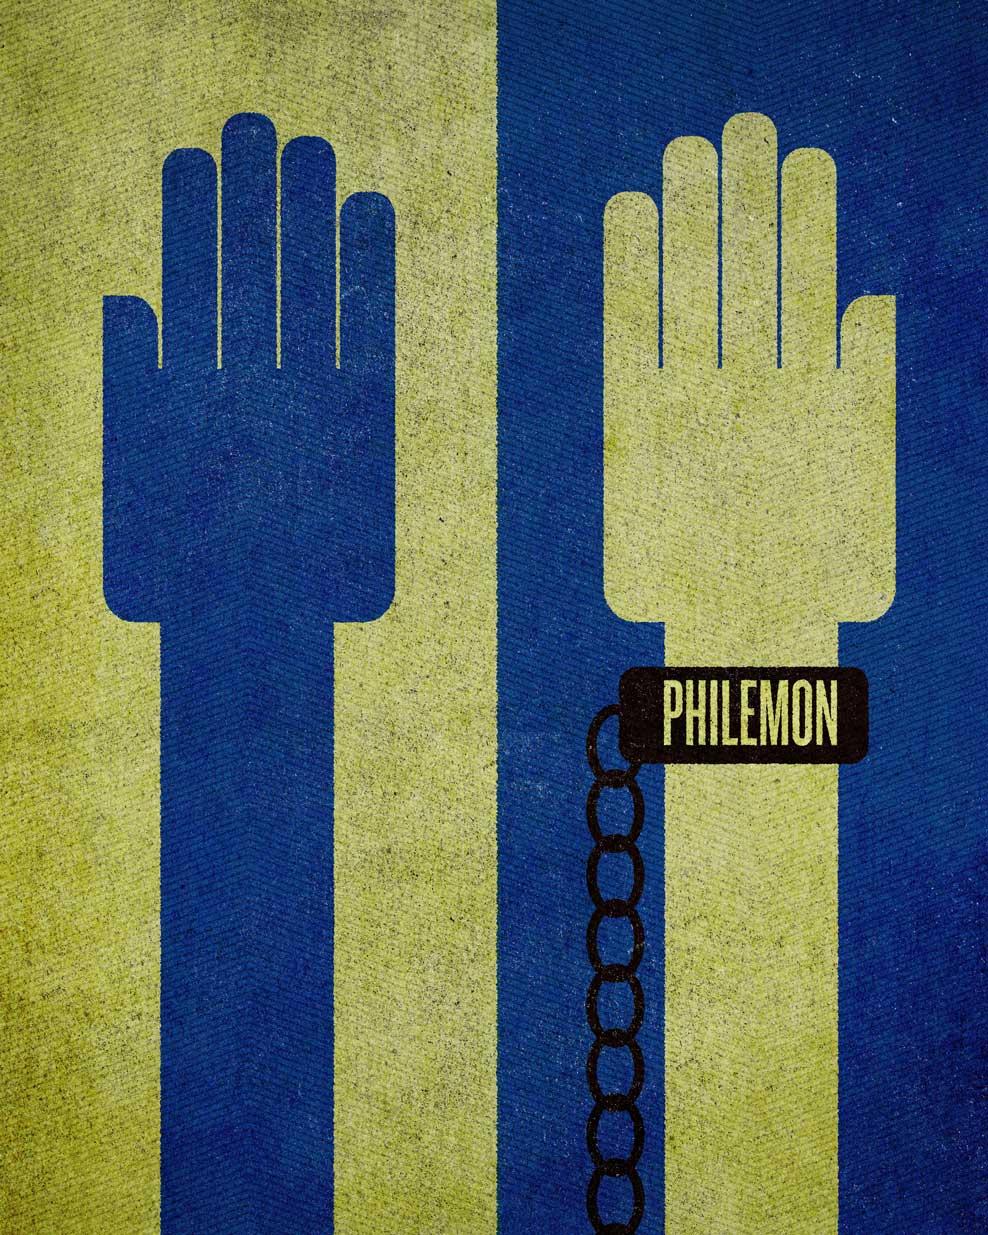 Philemon_988.jpg